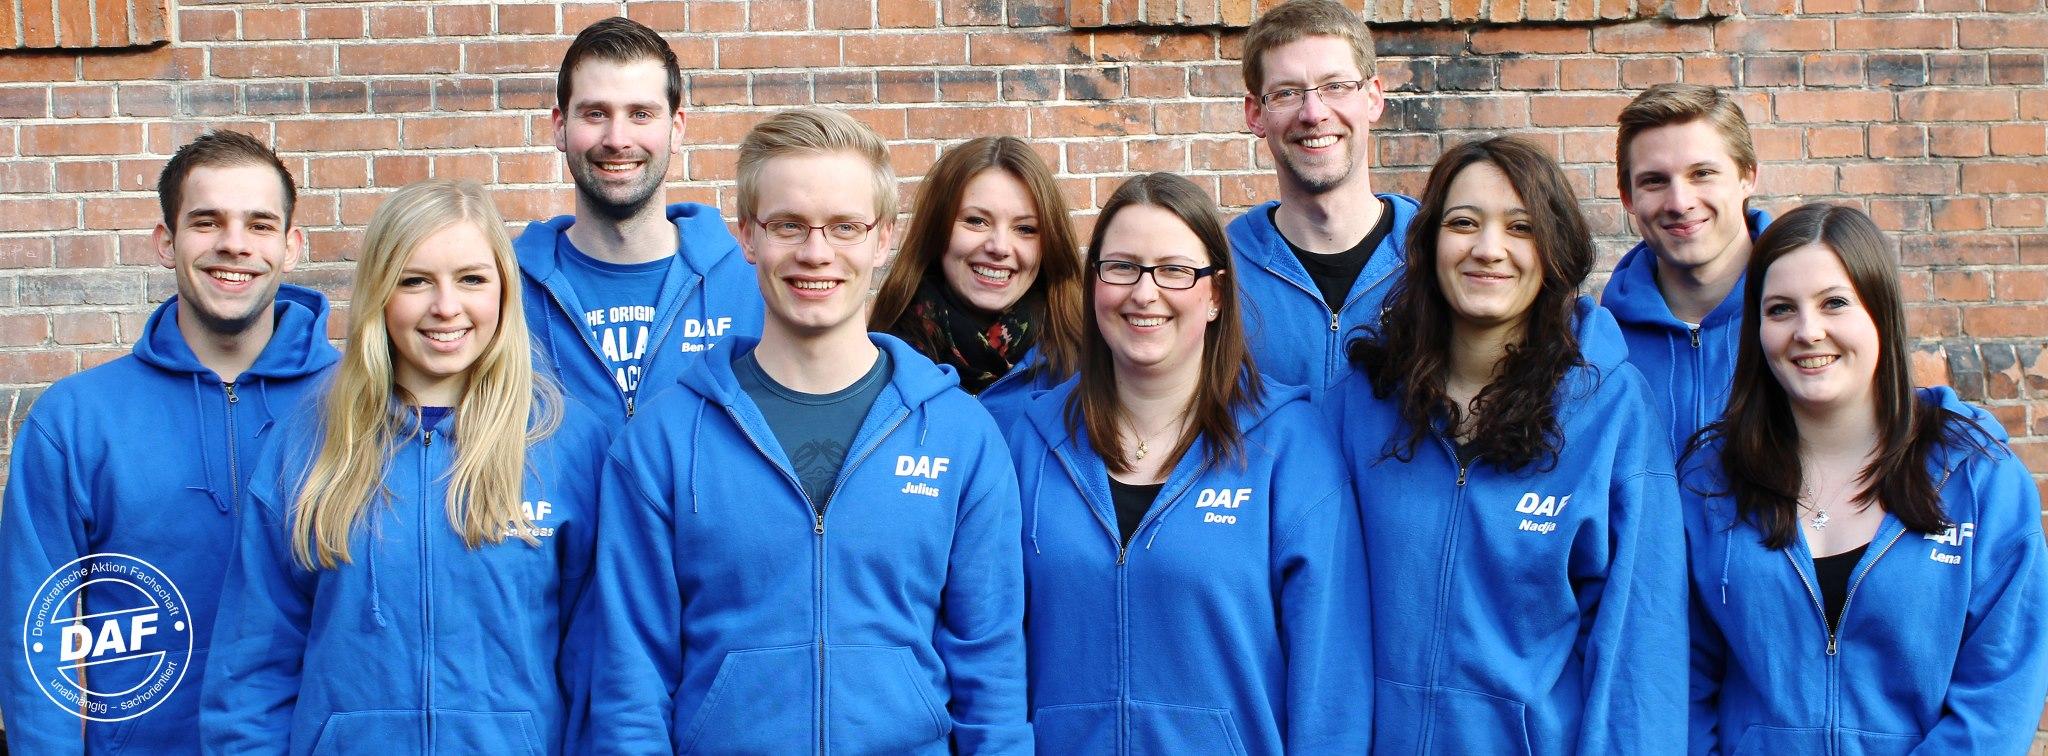 DAF-Vorstand 2013